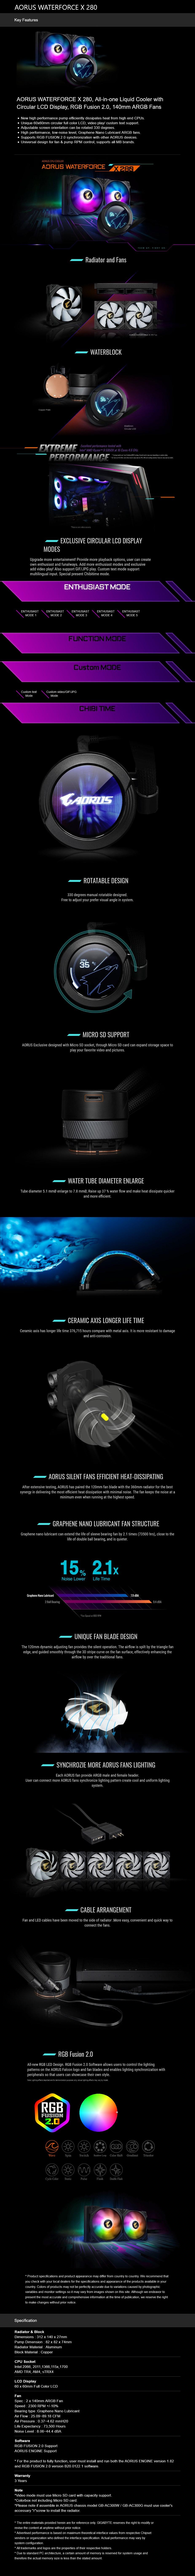 gigabyte-aorus-waterforce-x-280-aio-280mm-argb-liquid-cpu-cooler-ac43307-7.jpg